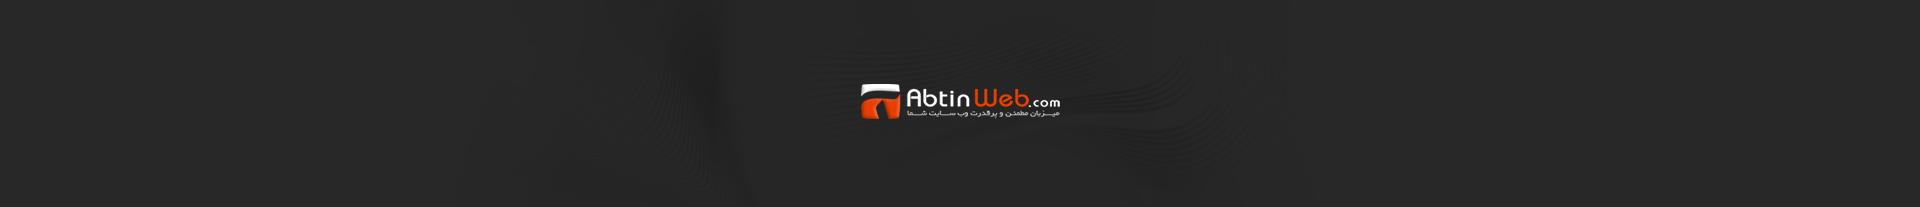 کد تخفیف سایت آبتین وب